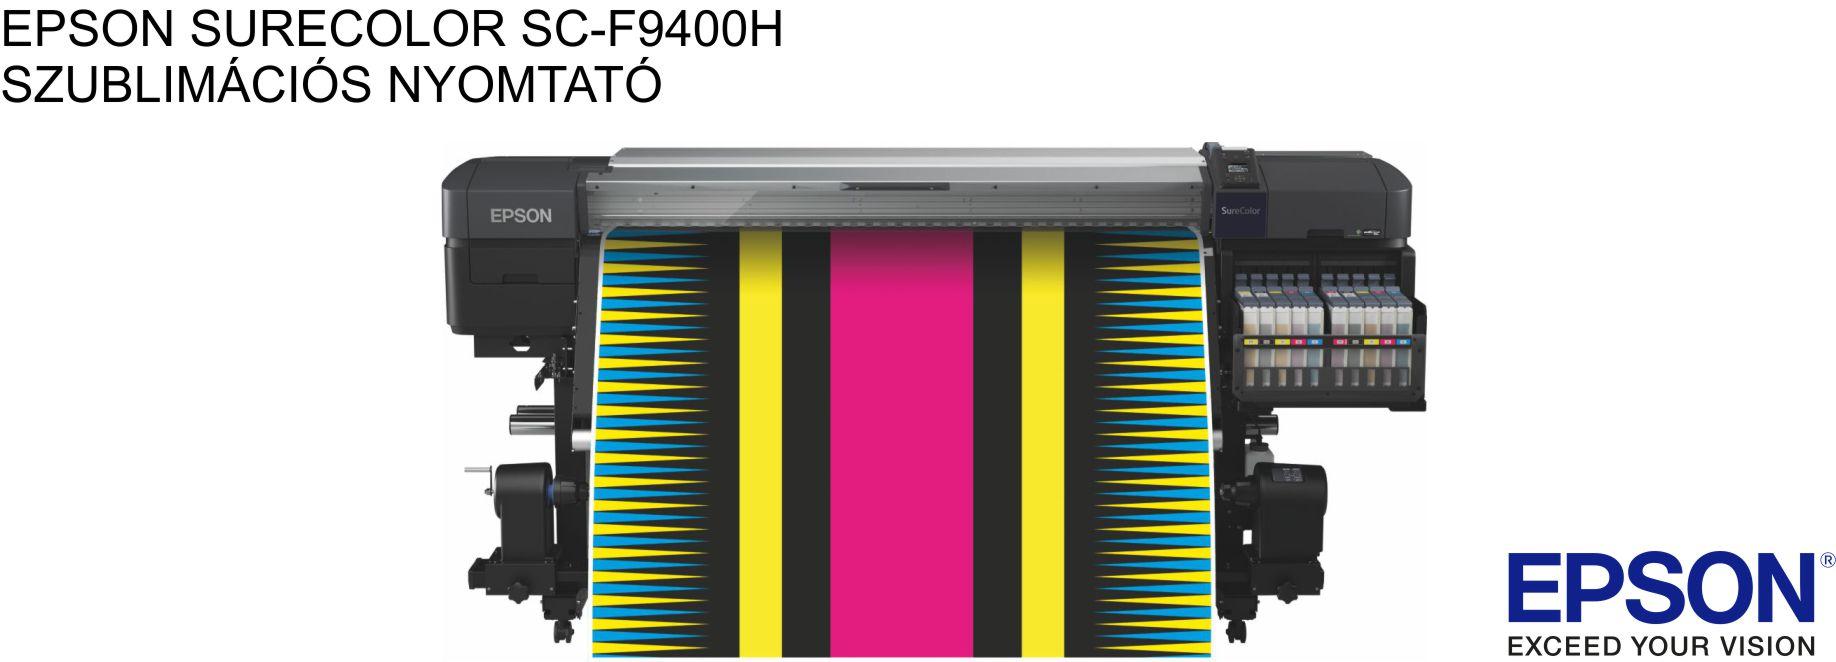 EPSON SURECOLOR SC-F9400H textil-szublimációs nyomtató MÁR ELÉRHETŐ!